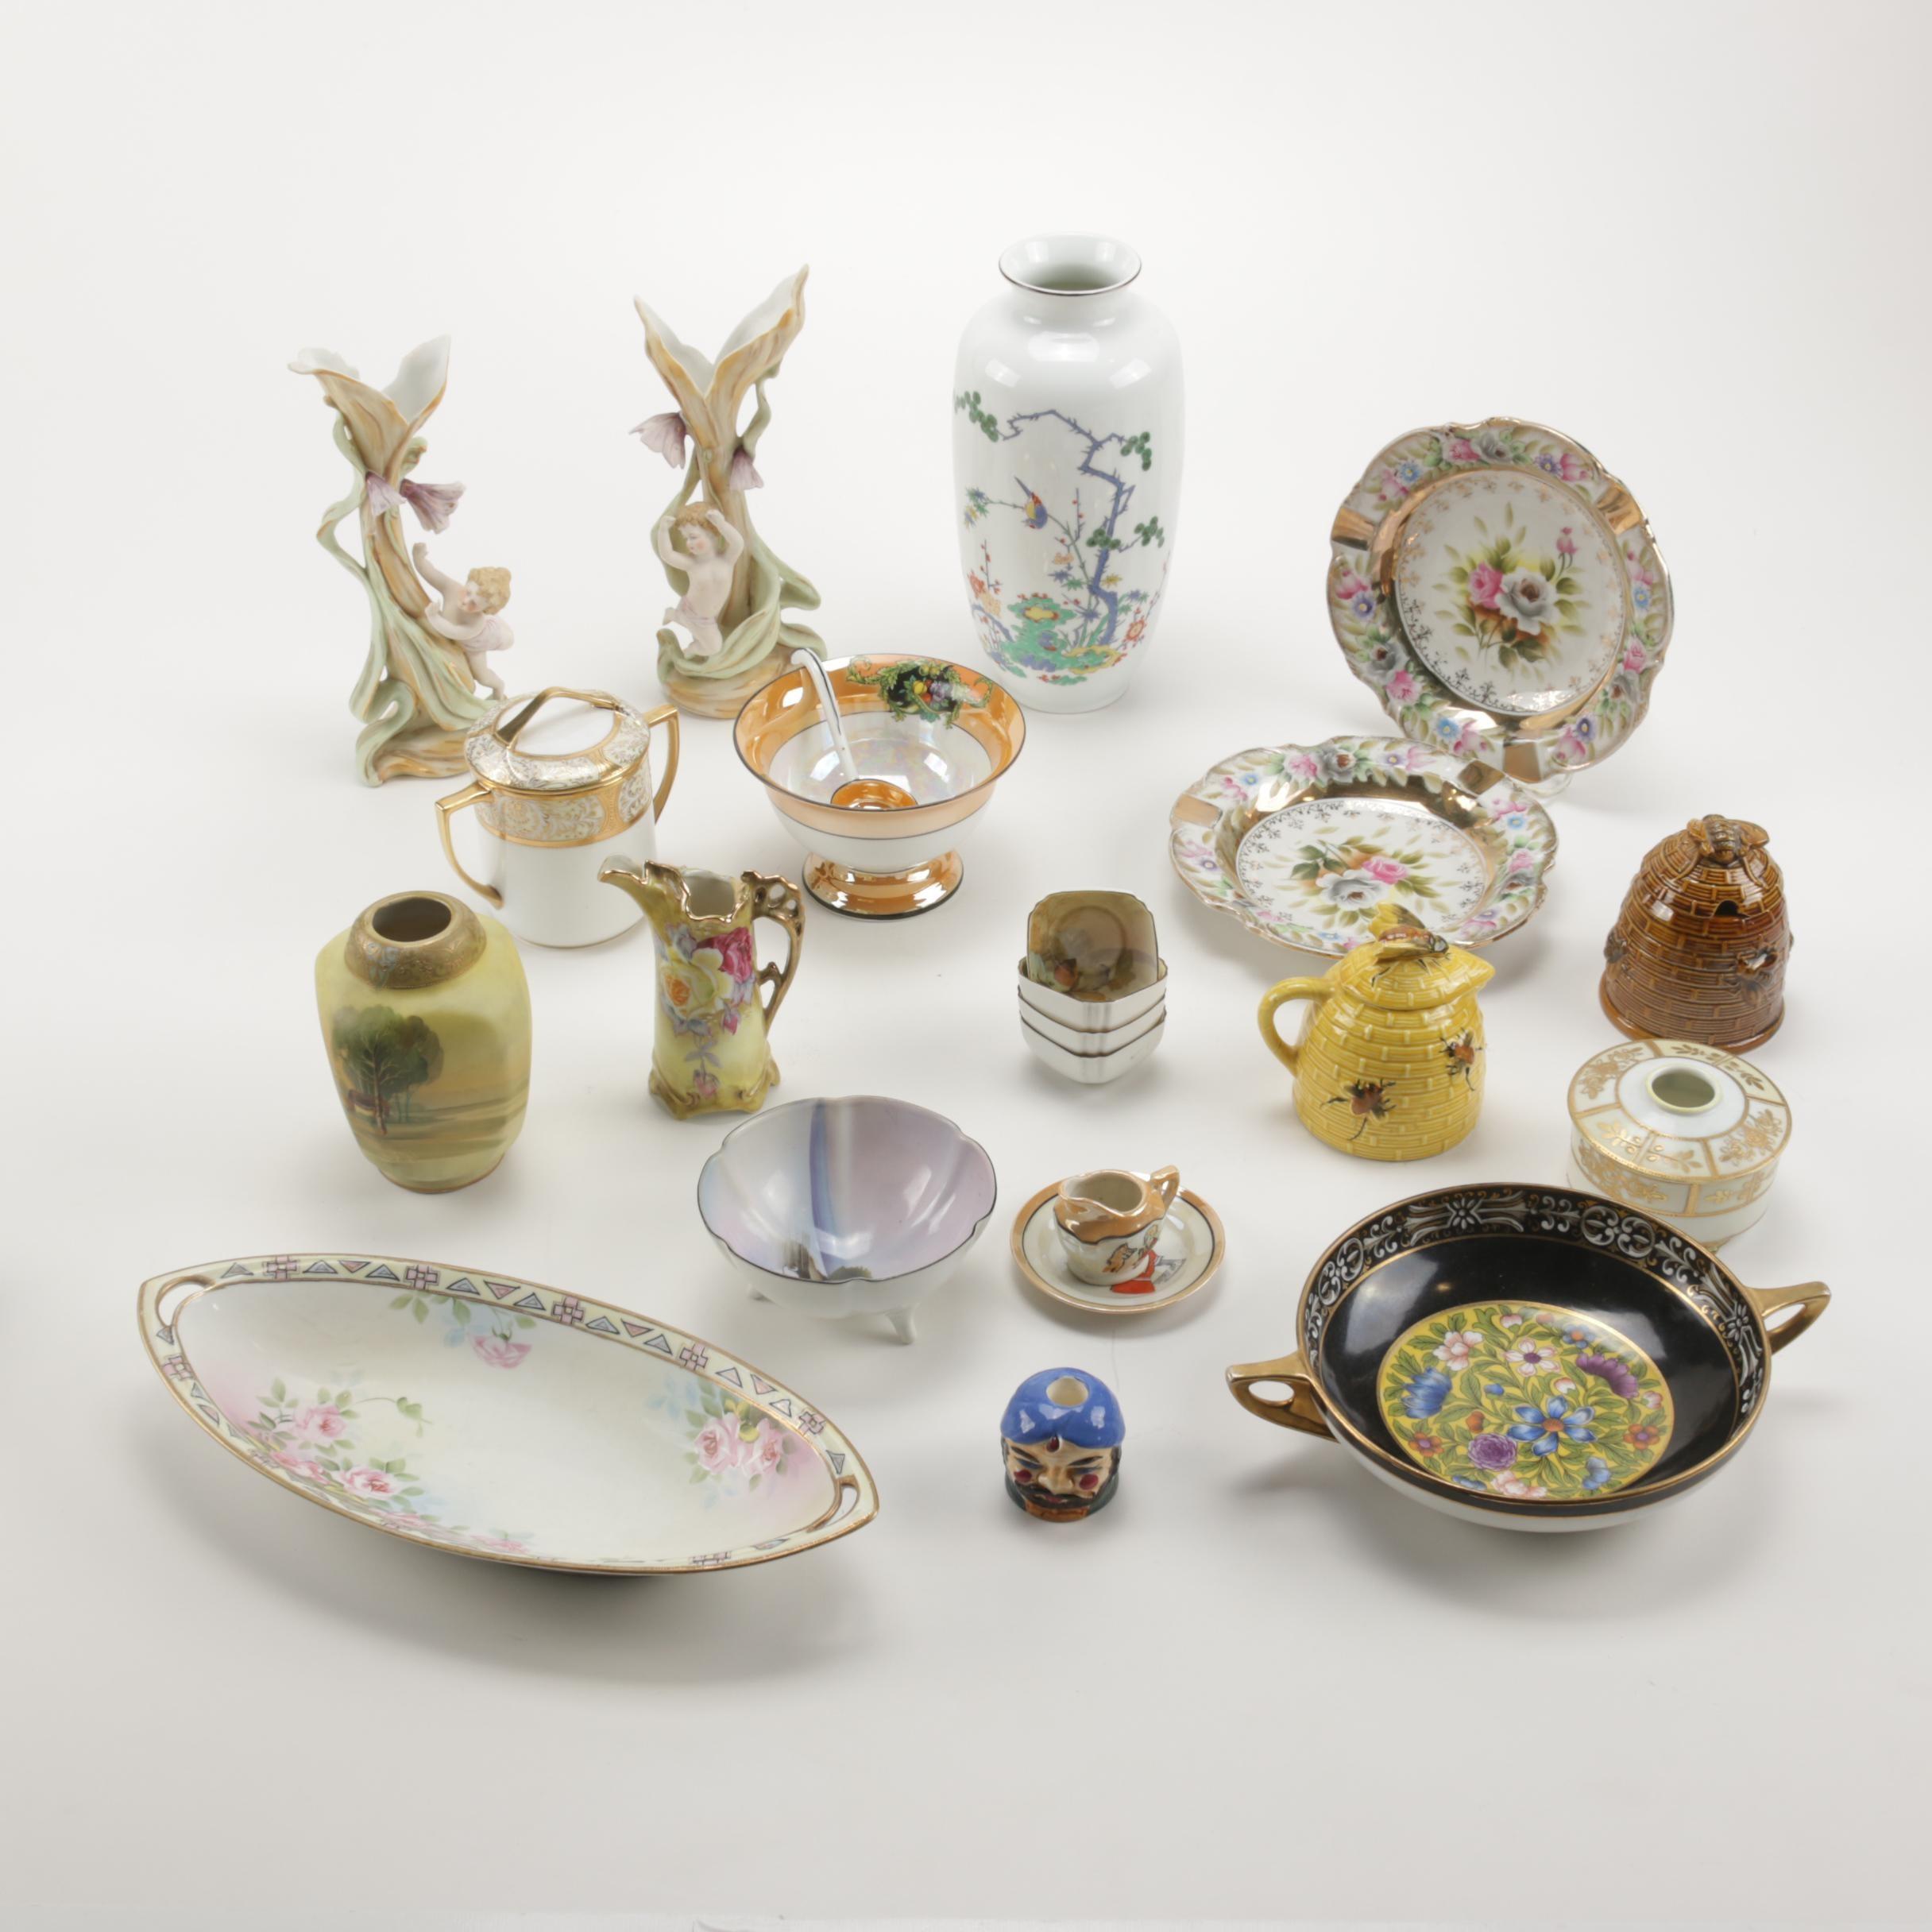 Japanese Hand-Painted Porcelain Featuring Nippon, Noritake, Arnart